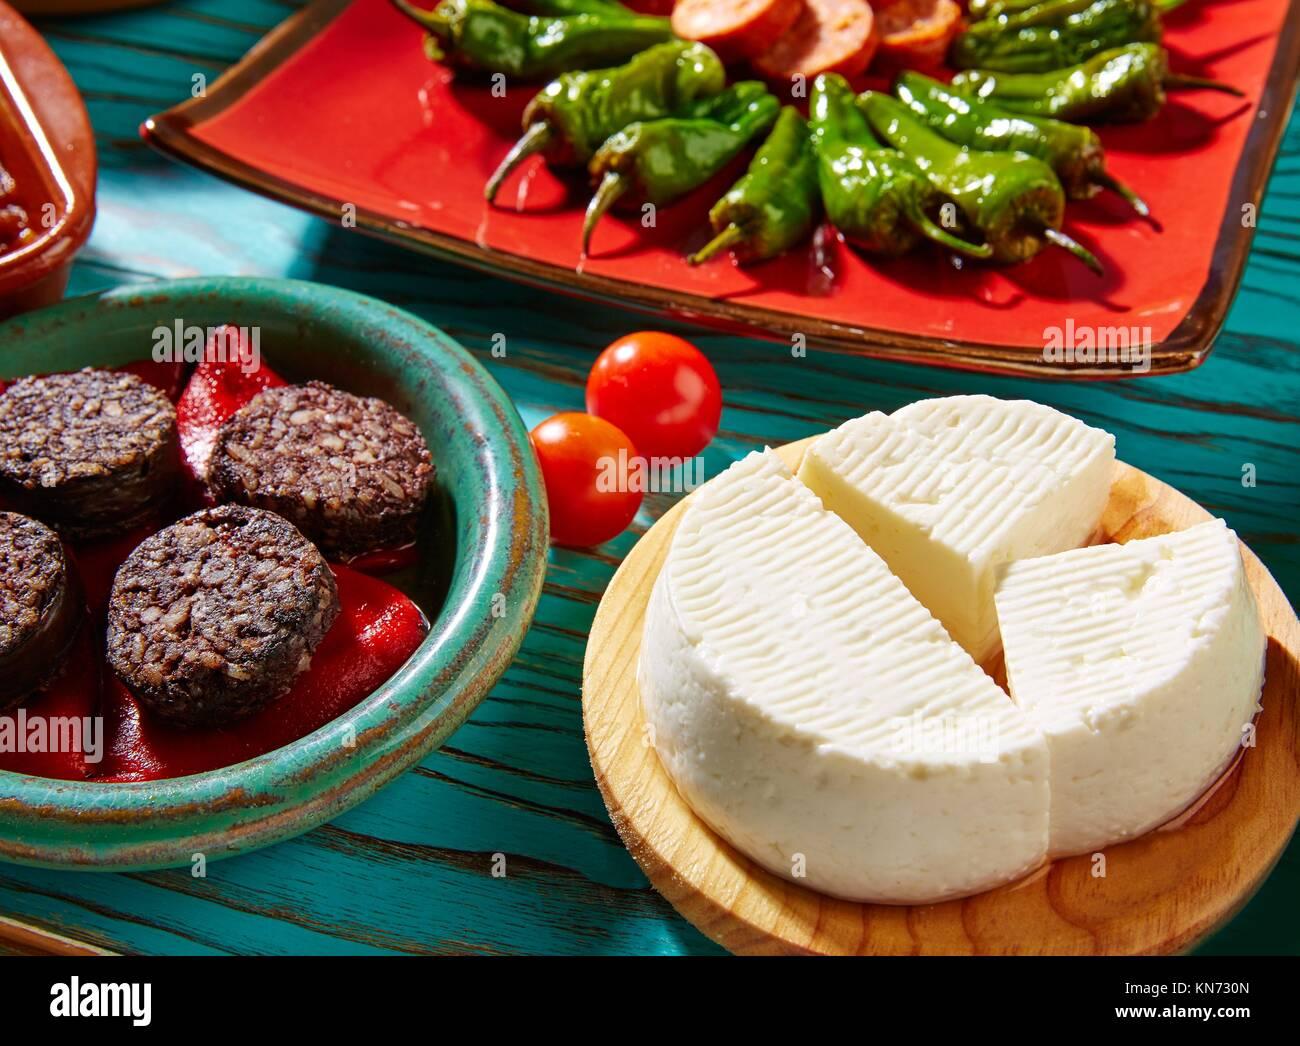 Tapas Morcilla de Burgos und Käse aus Spanien und padron Paprika. Stockbild